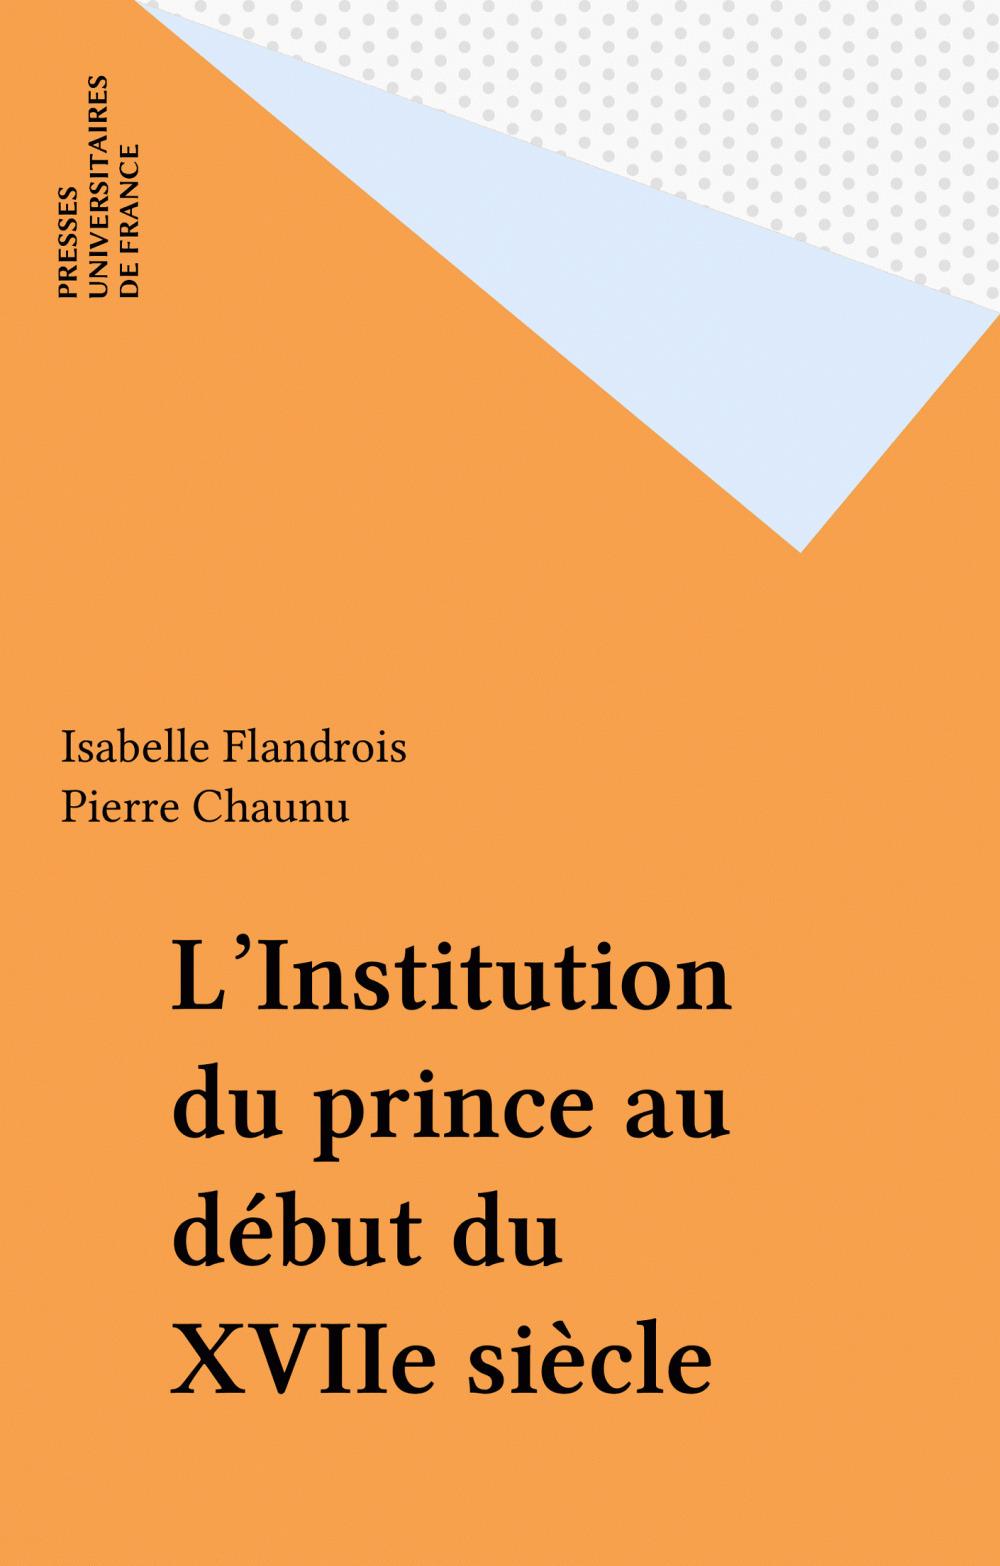 L'Institution du prince au début du XVIIe siècle